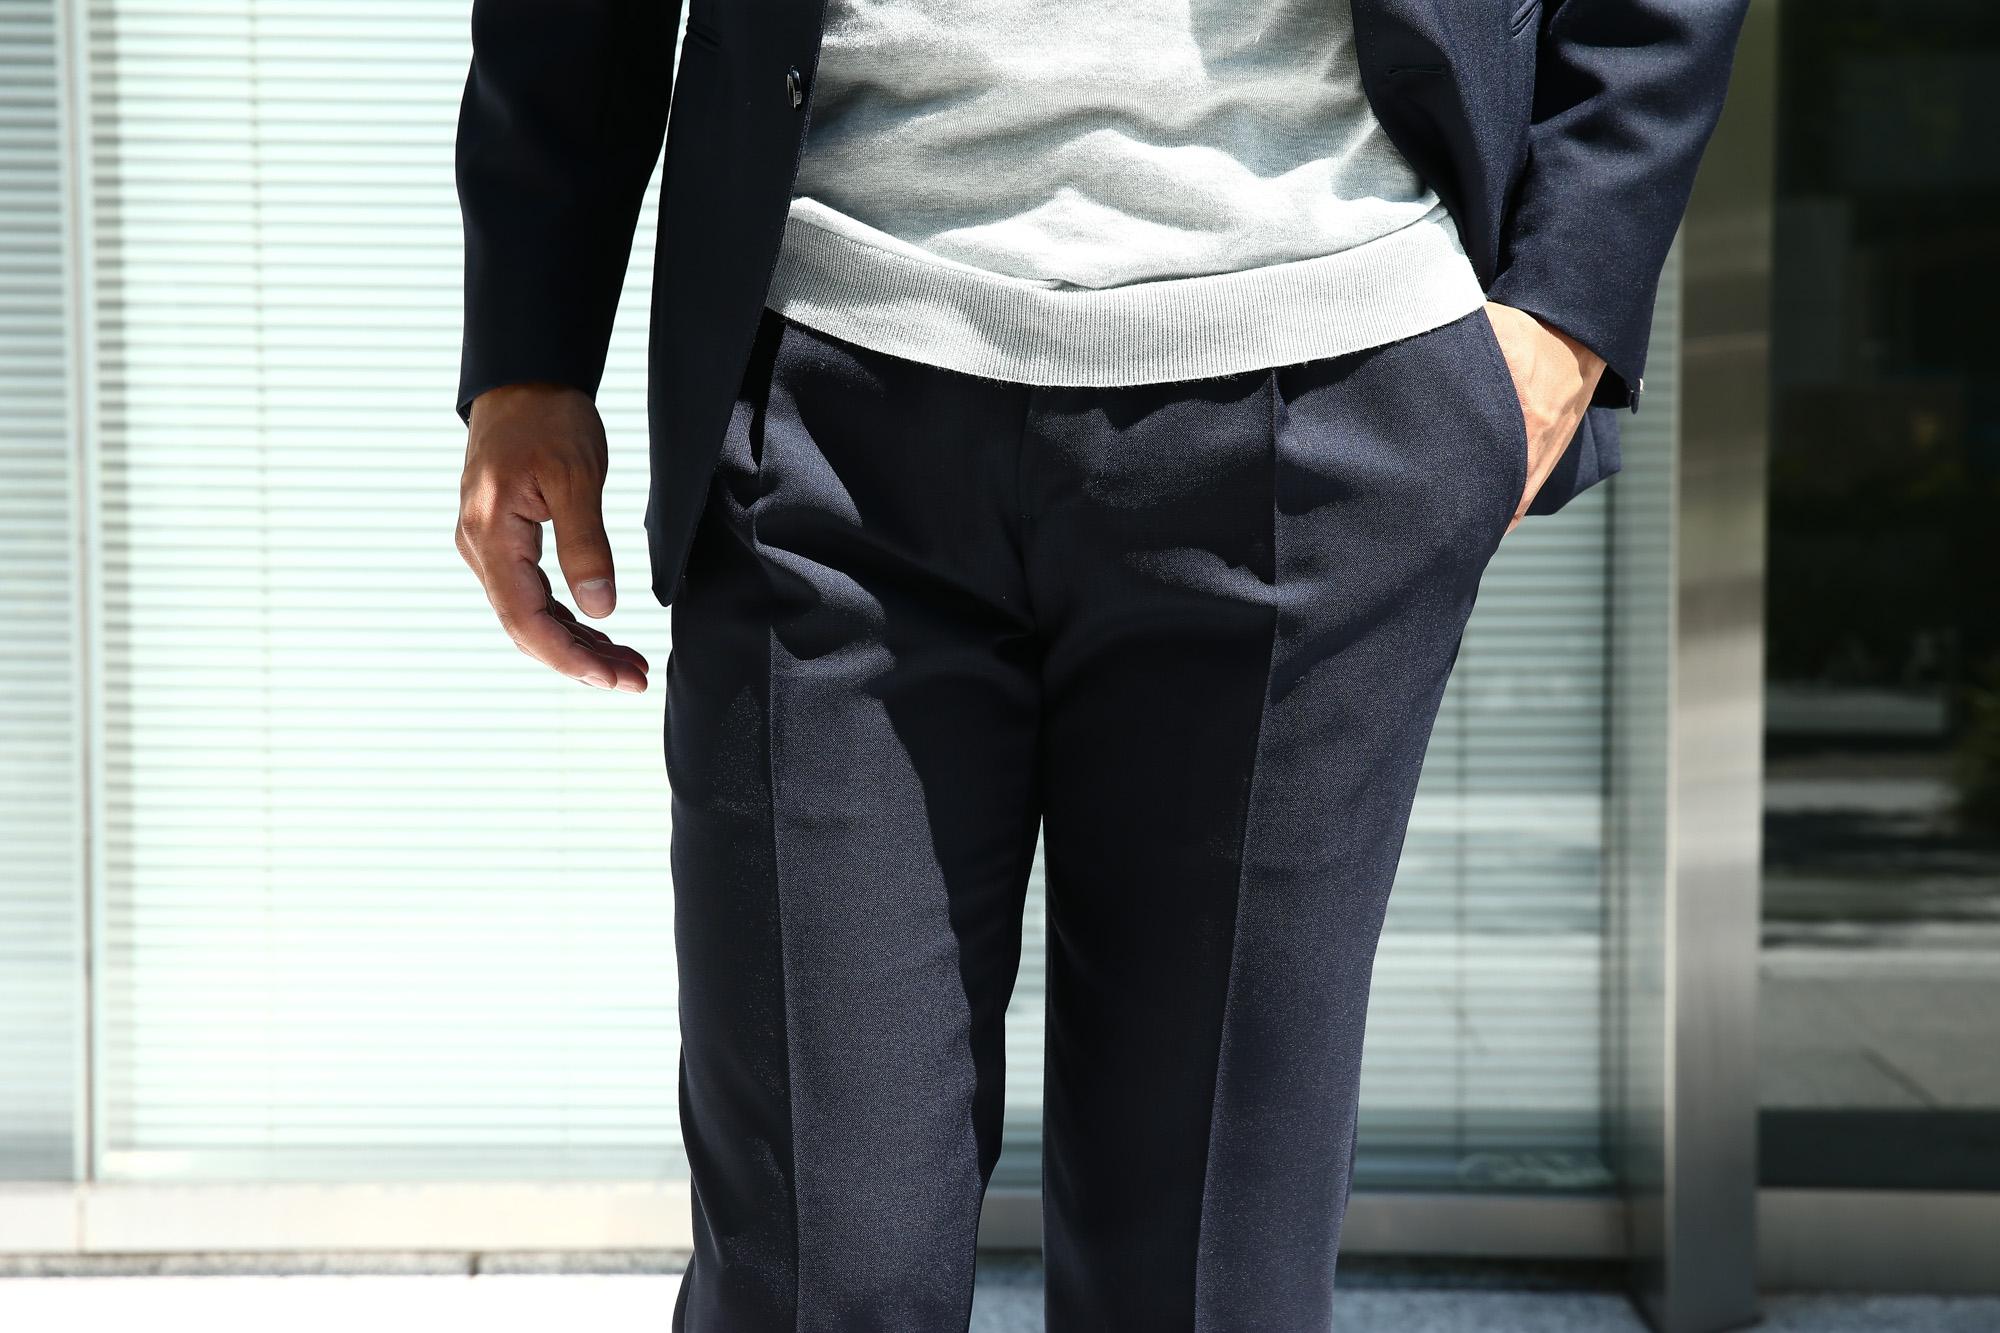 LARDINI (ラルディーニ) SARTORIA (サルトリア) トロピカル サマーウール 段返り3B サマー スーツ NAVY (ネイビー・5) Made in italy (イタリア製) 2018 春夏新作 lardini ラルディーニ  愛知 名古屋 ZODIAC ゾディアック